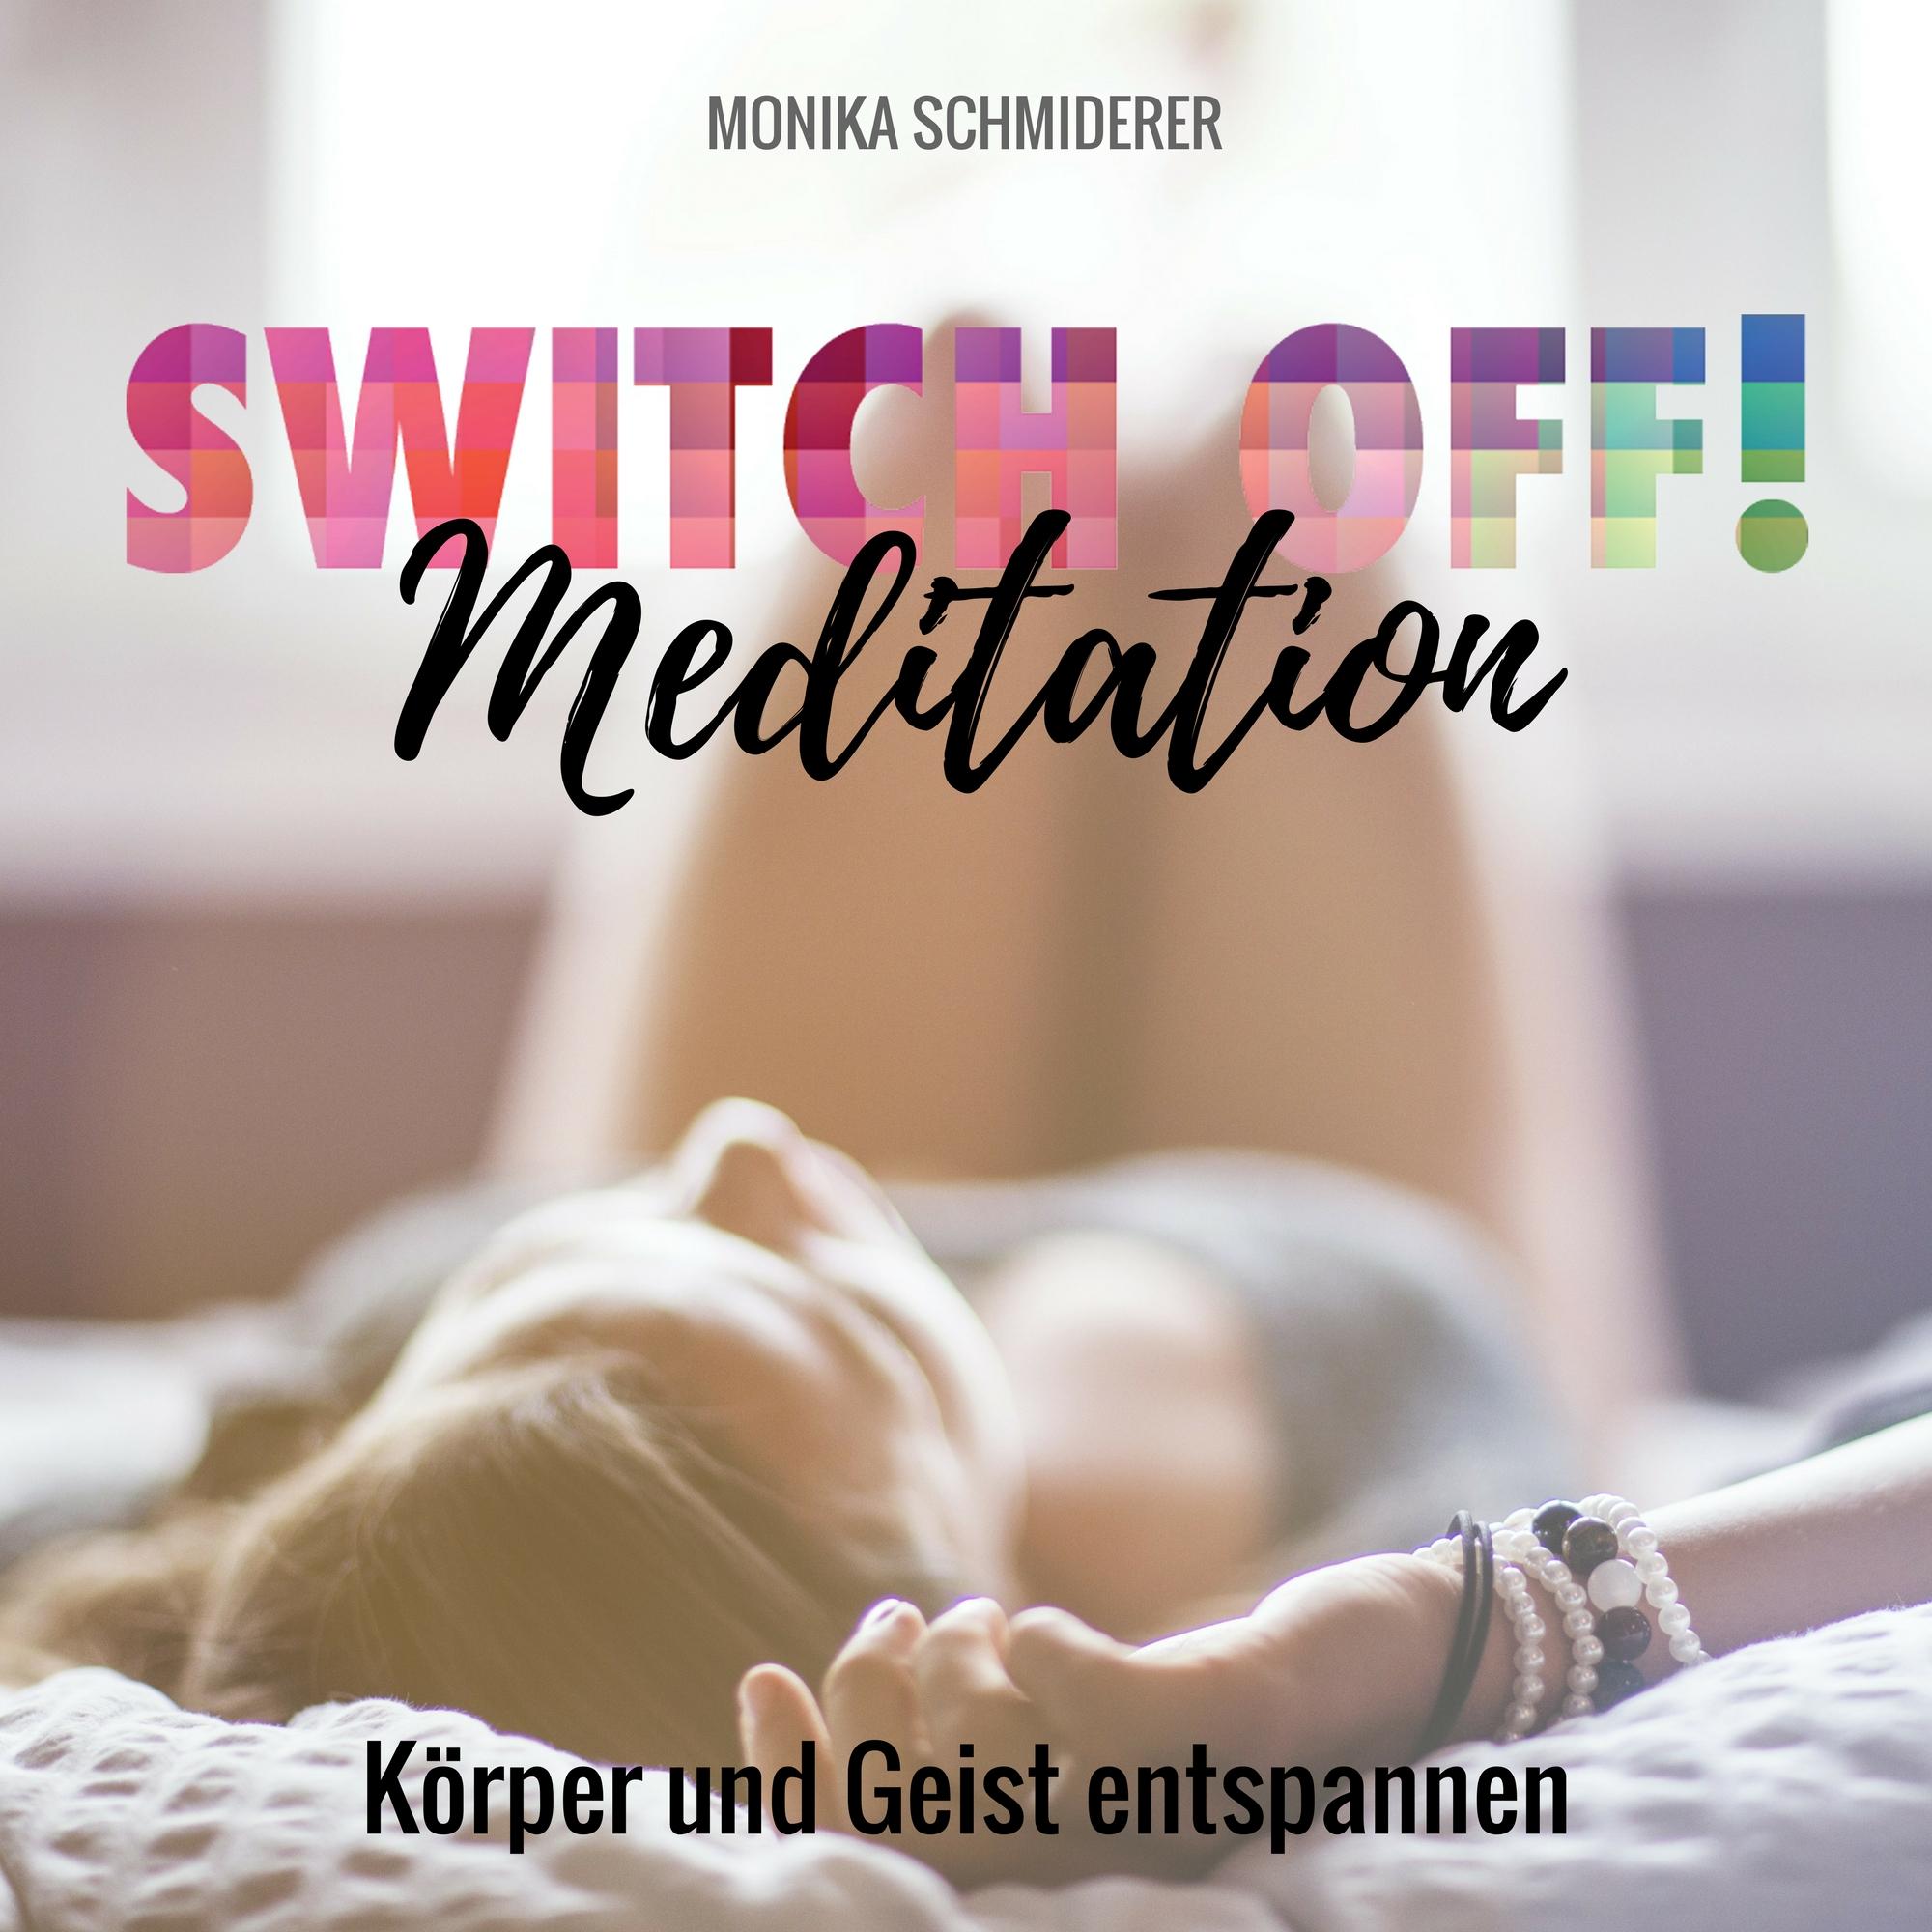 SWITCH OFF Meditationen zum Buch_Monika Schmiderer_Koerper und Geist entspannen.jpg